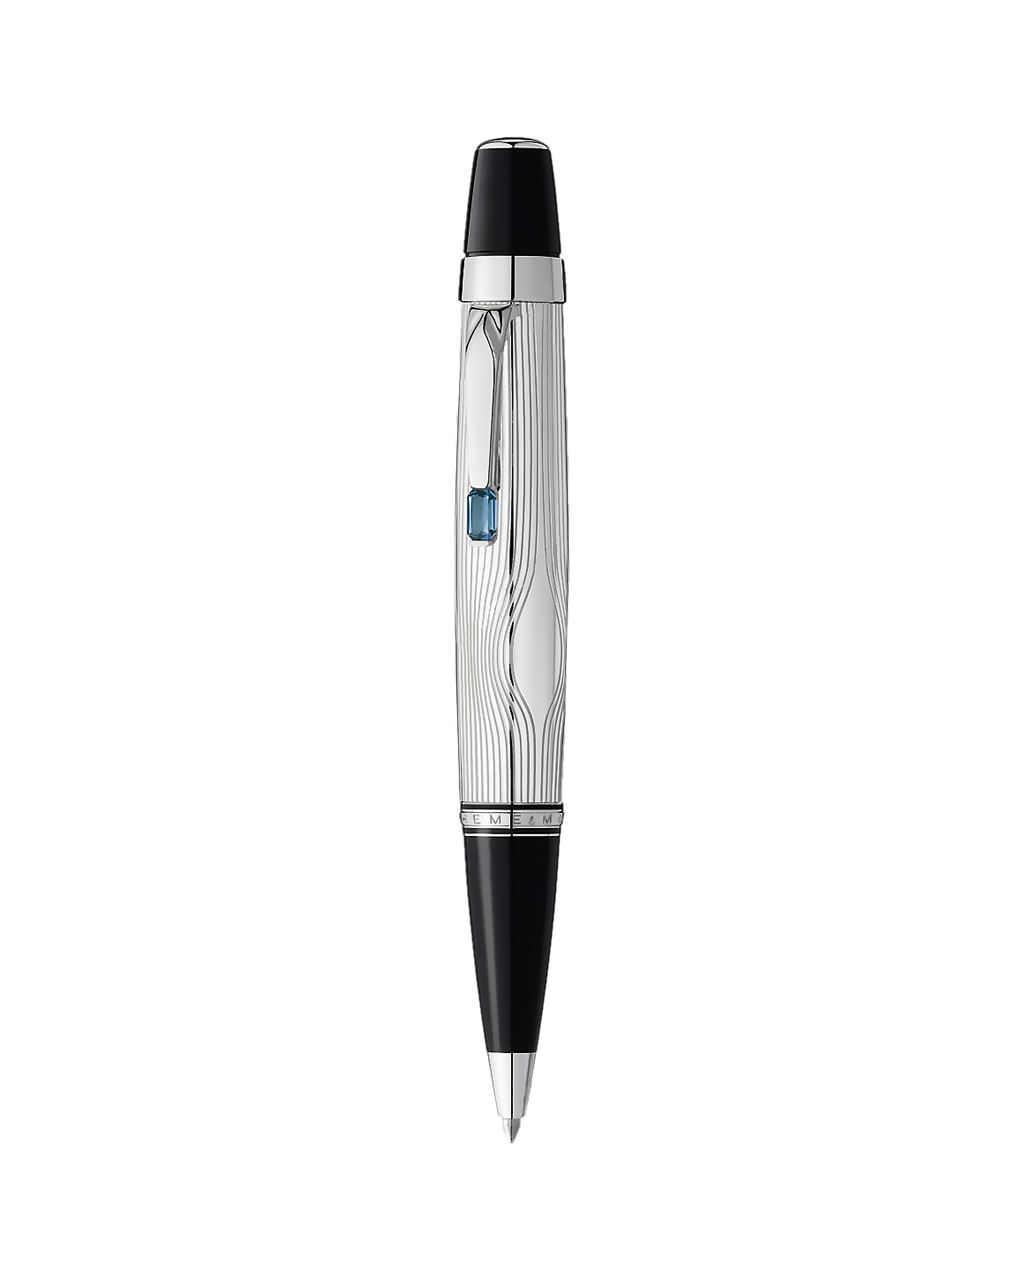 Montblanc Στυλό Boheme Arabesque Azur 103049   δωρα επαγγελματικά δώρα   είδη γραφείου